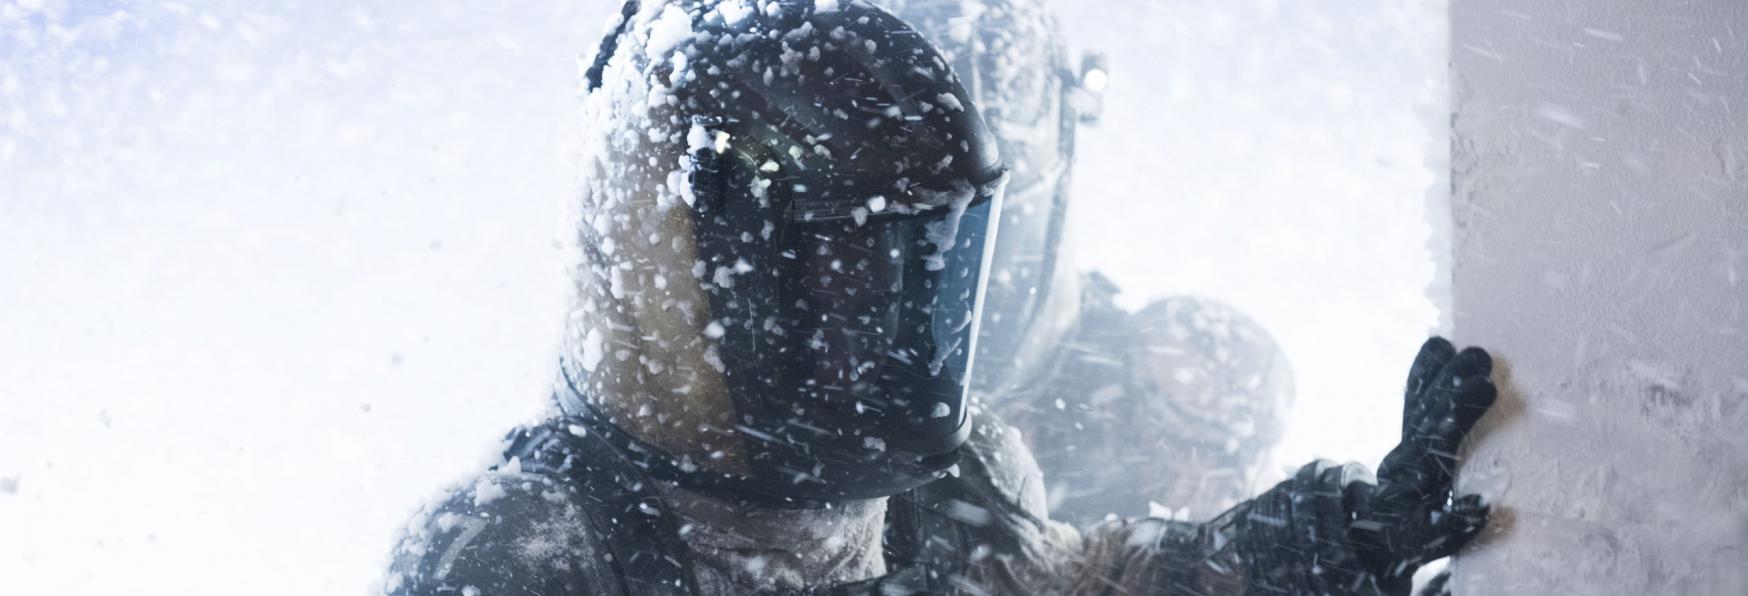 Snowpiercer 2: Rilasciato il Trailer Ufficiale della Stagione inedita